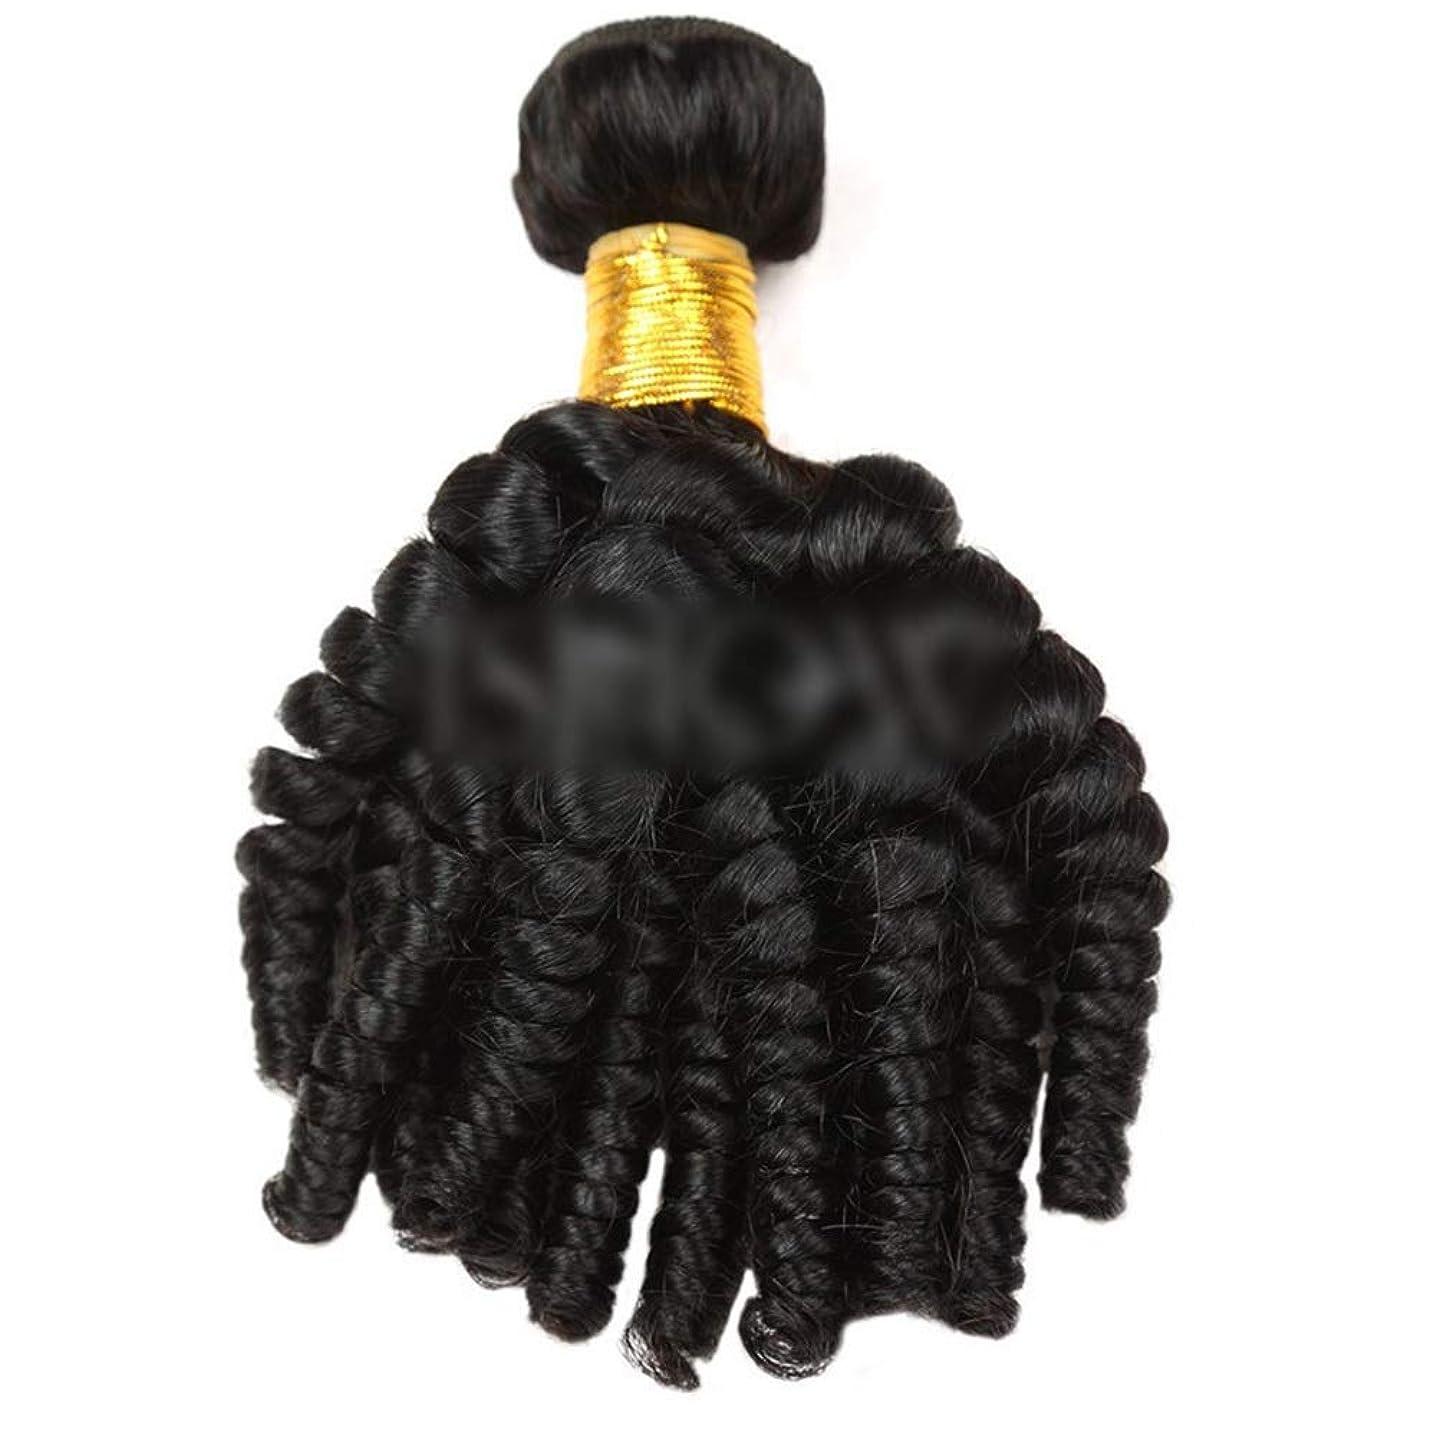 持ってるに関してインシデントYESONEEP Funmi巻き毛人間の髪の毛の束自然な黒髪エクステンション1バンドル髪横糸複合毛レースのかつらロールプレイングかつらロングとショートの女性自然 (色 : 黒, サイズ : 12 inch)